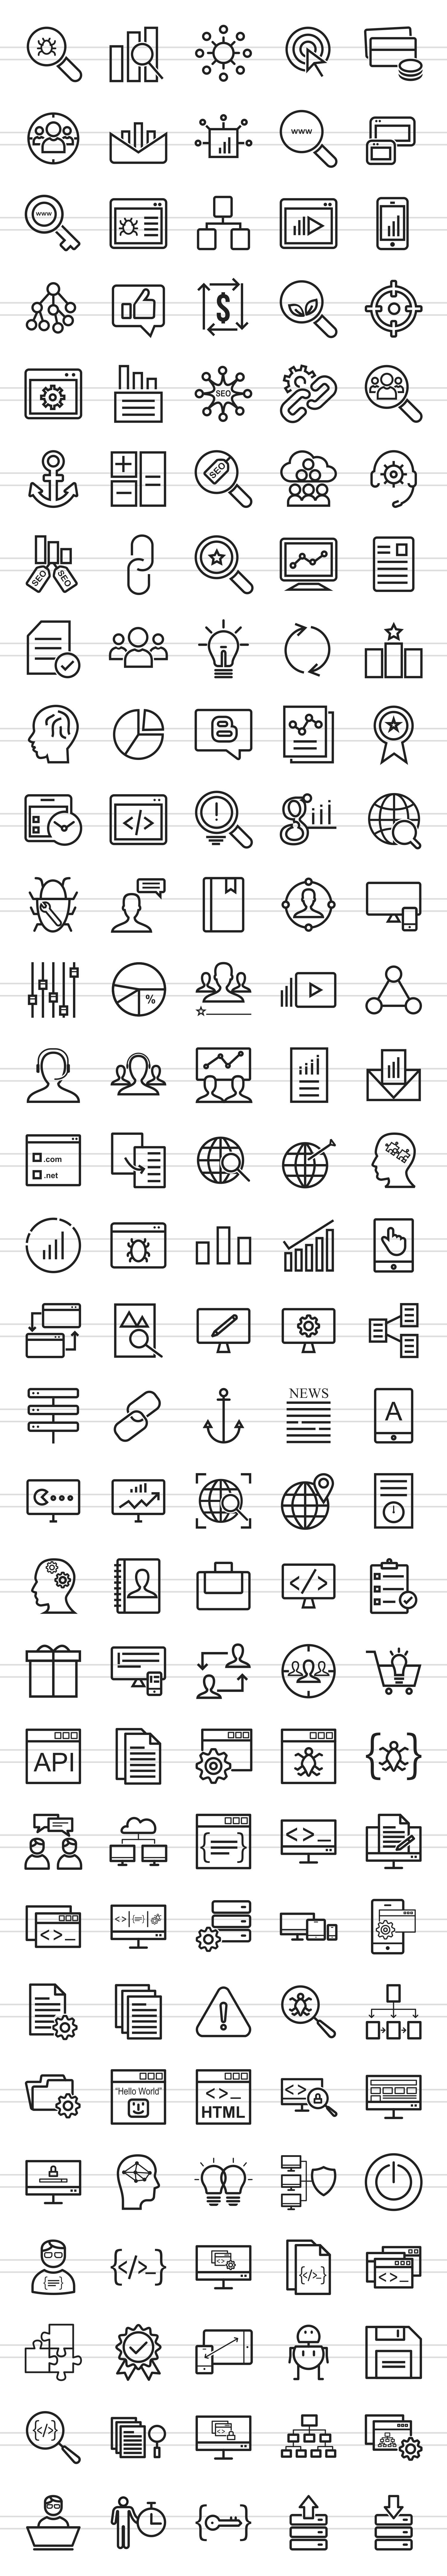 150 SEO & Development Line Icons example image 2